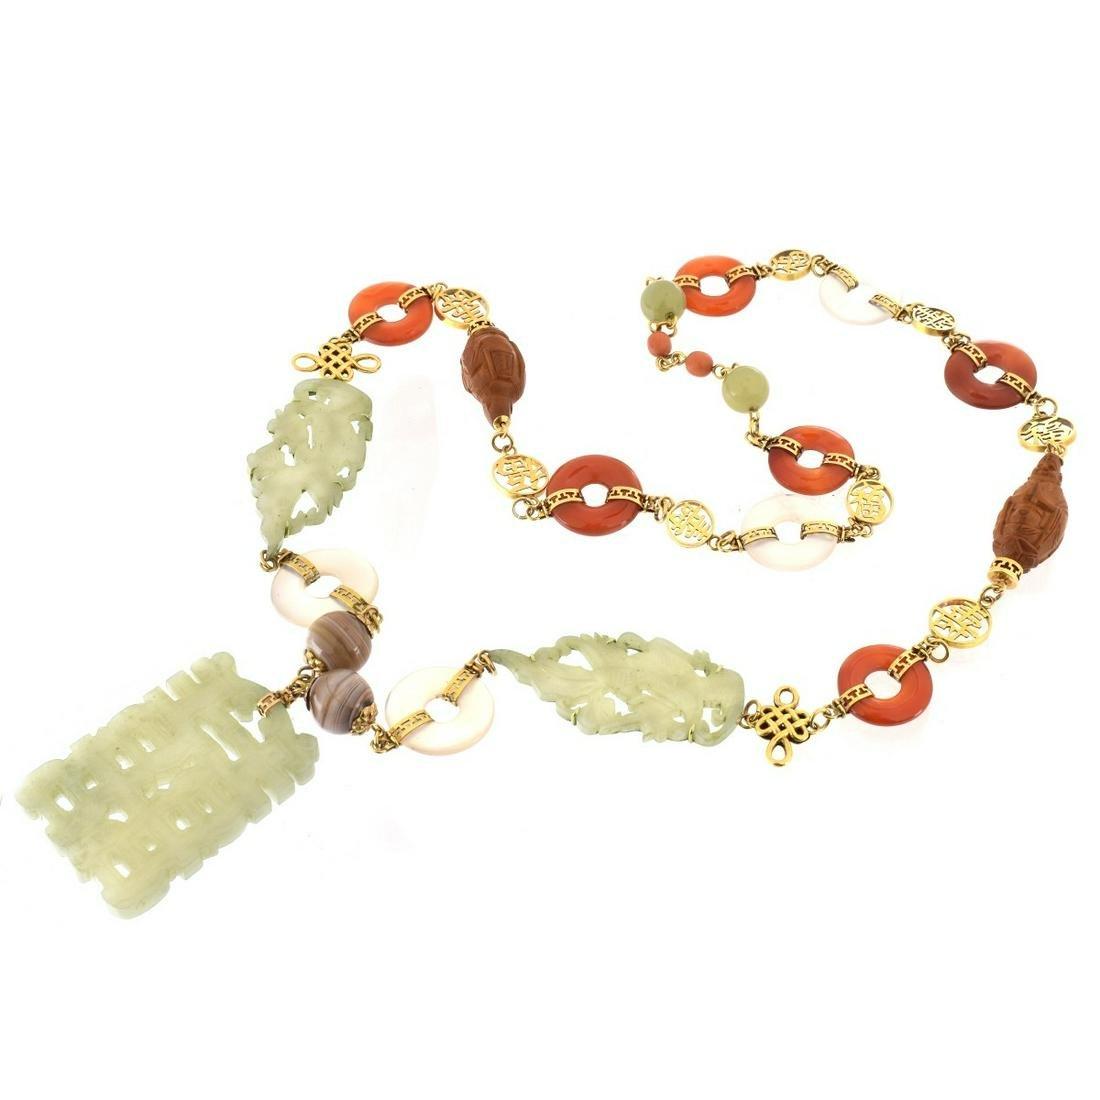 Chinese Hardstone, 14K Necklace